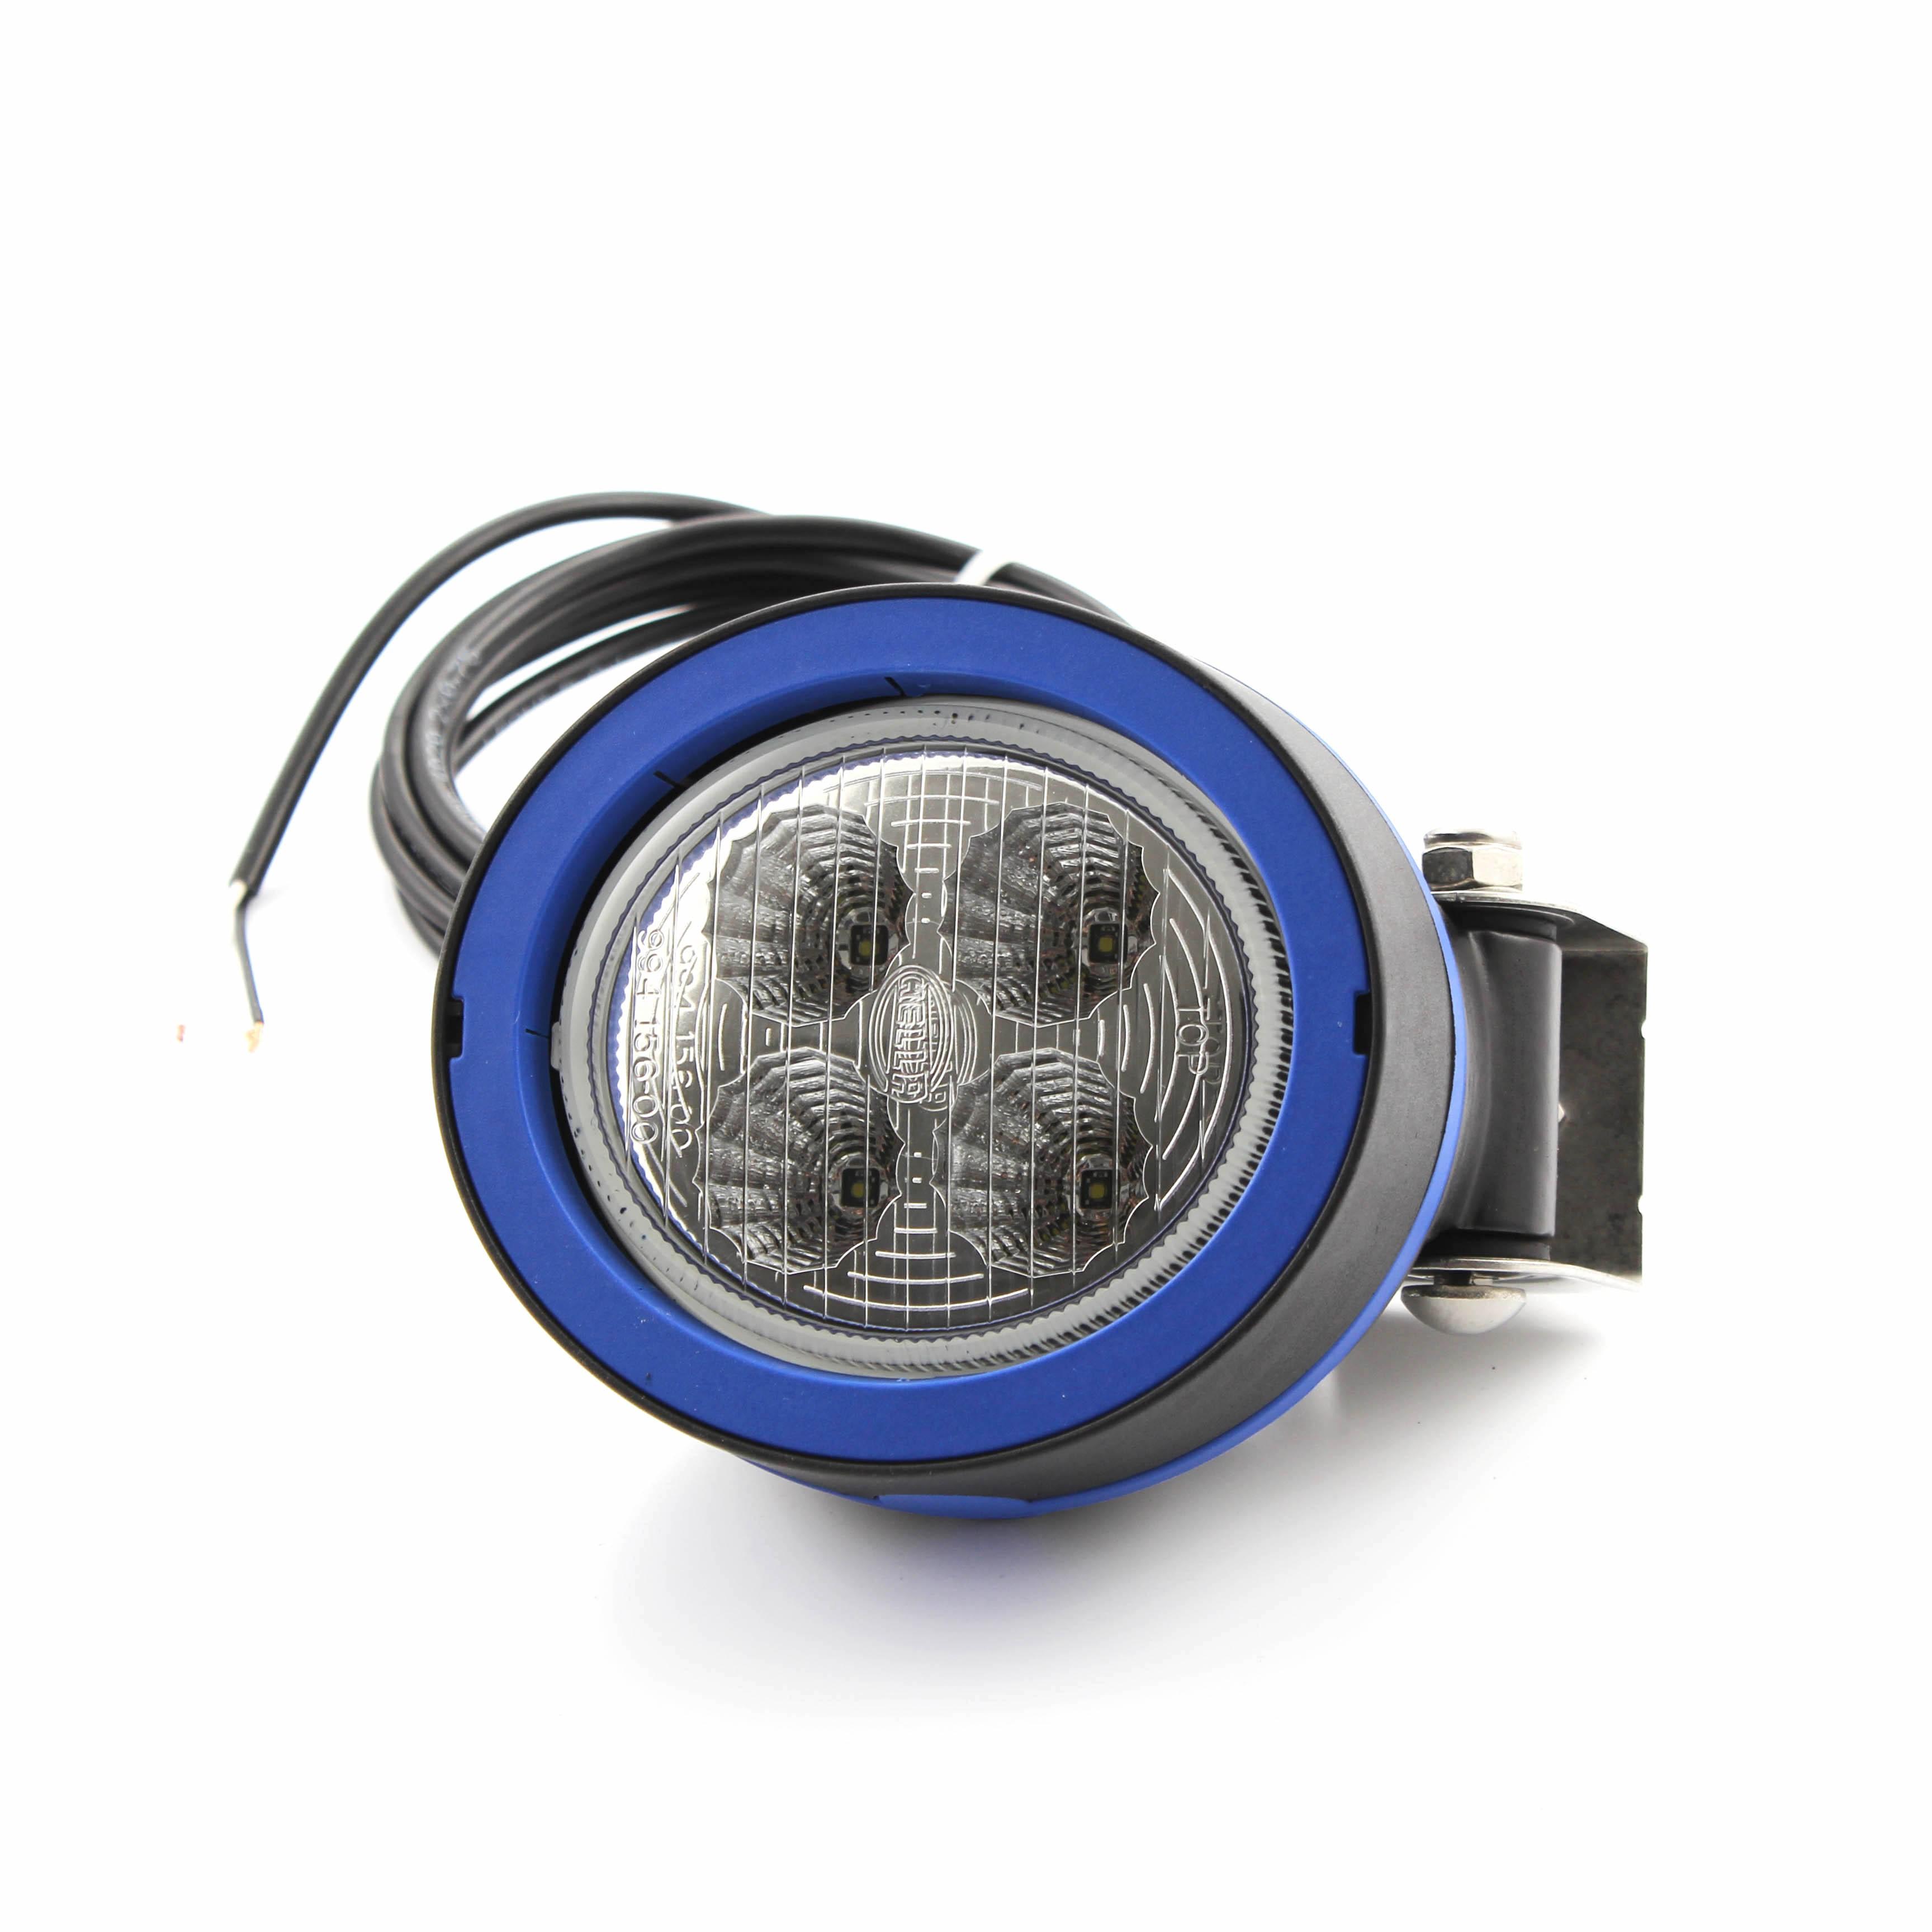 Hella werklamp led overige verlichting broshuis for Hella verlichting